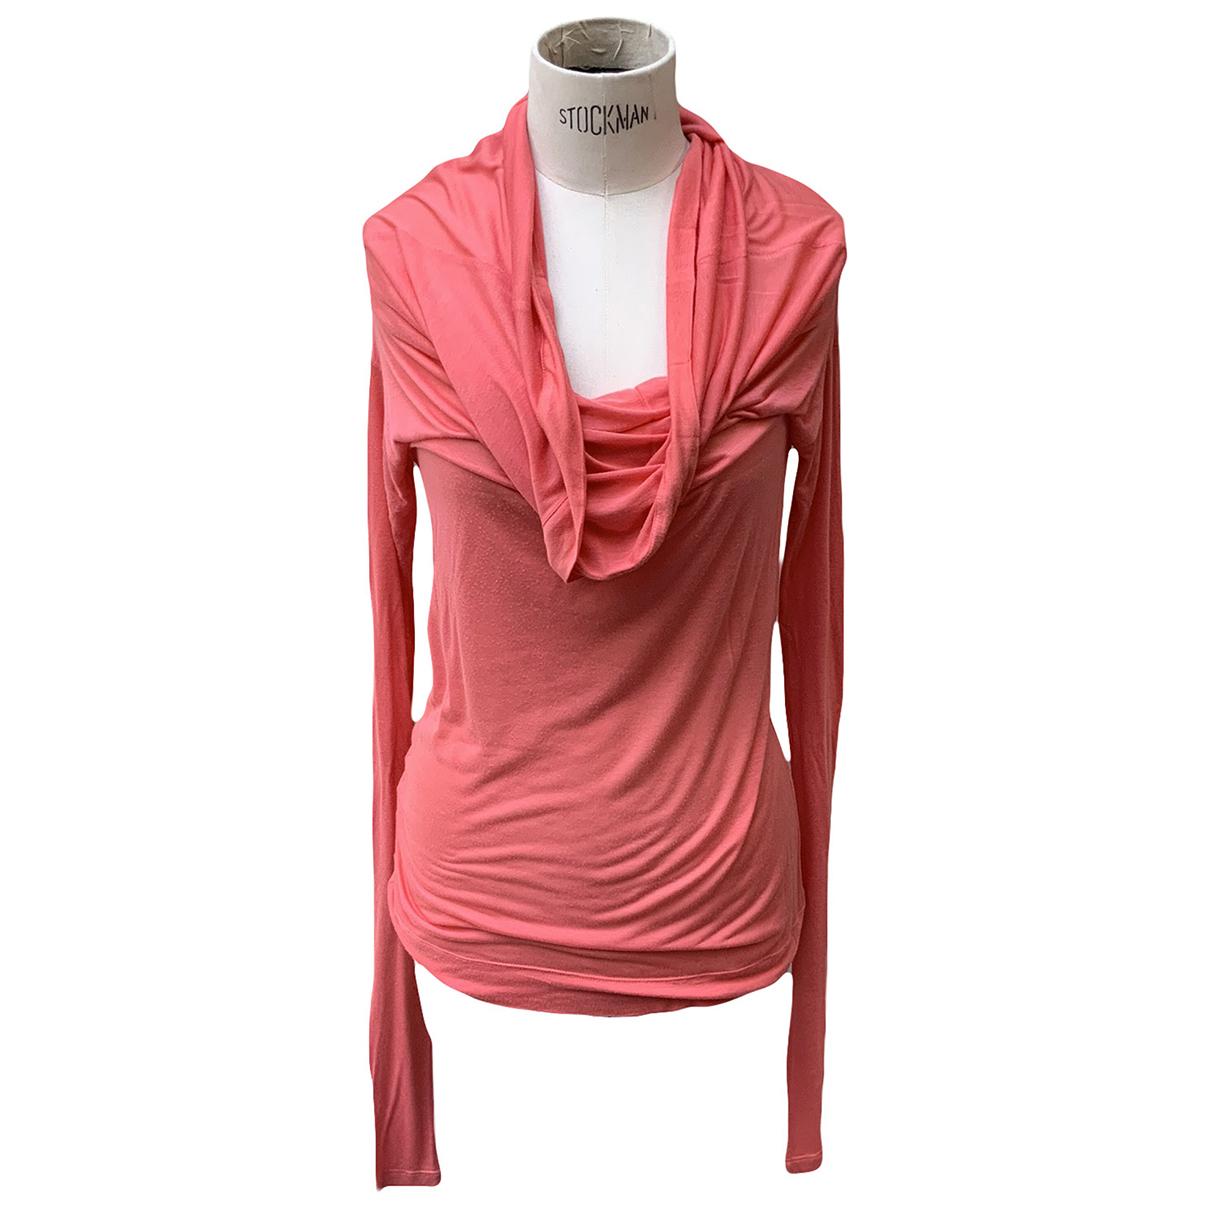 Stella Mccartney \N Pink  top for Women 38 IT